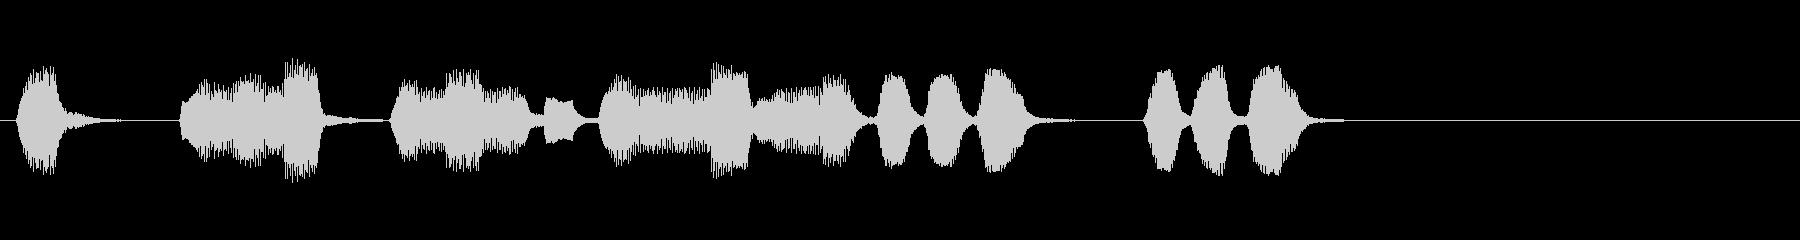 ラテン調の生演奏のリコーダージングルの未再生の波形